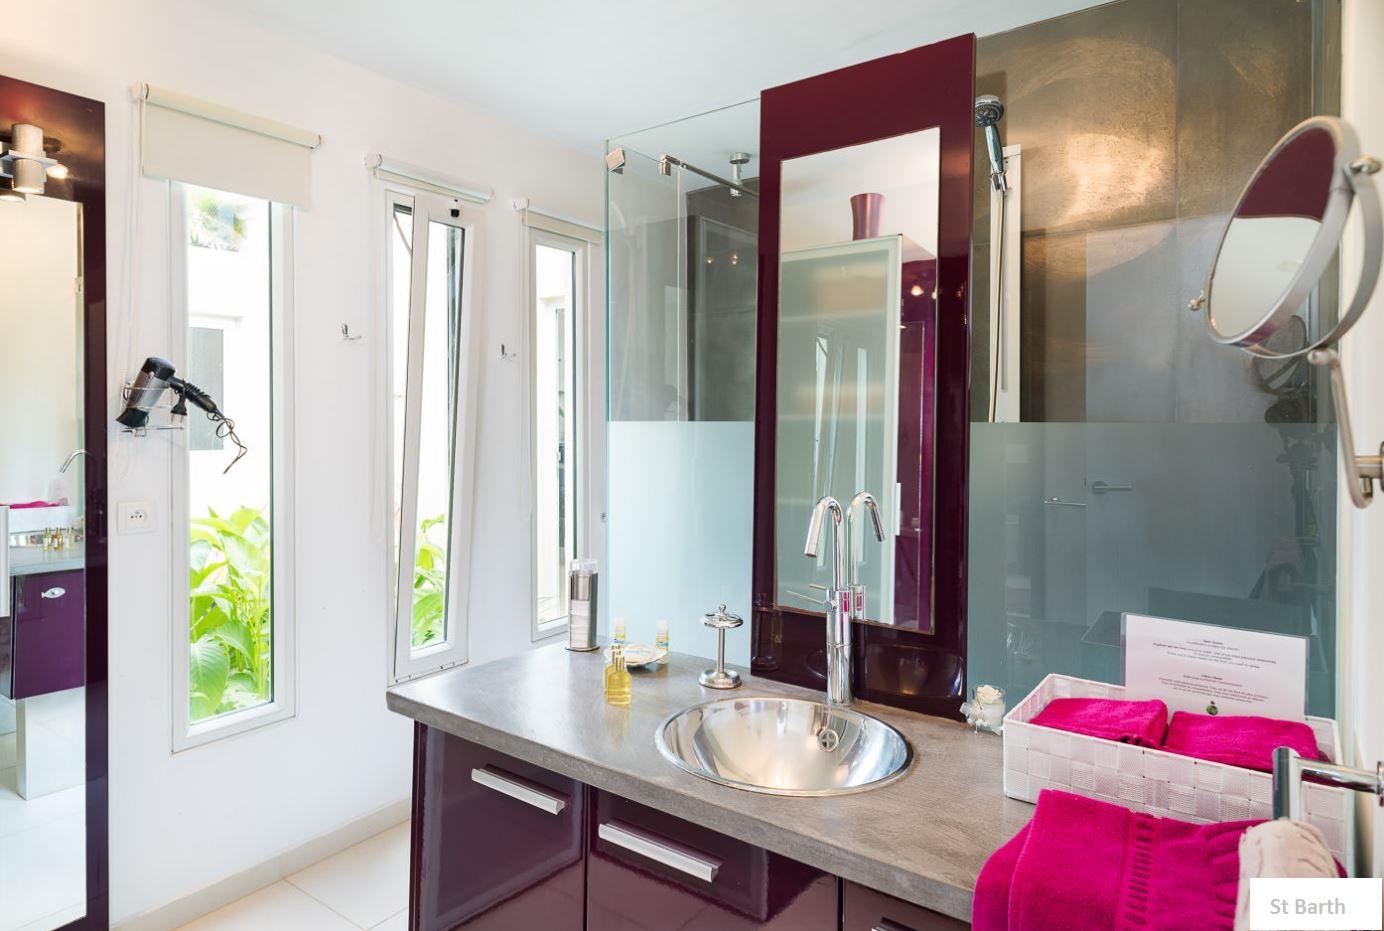 Location vacances st barthélémy villa moderne à st barth gouverneur caraibes antilles